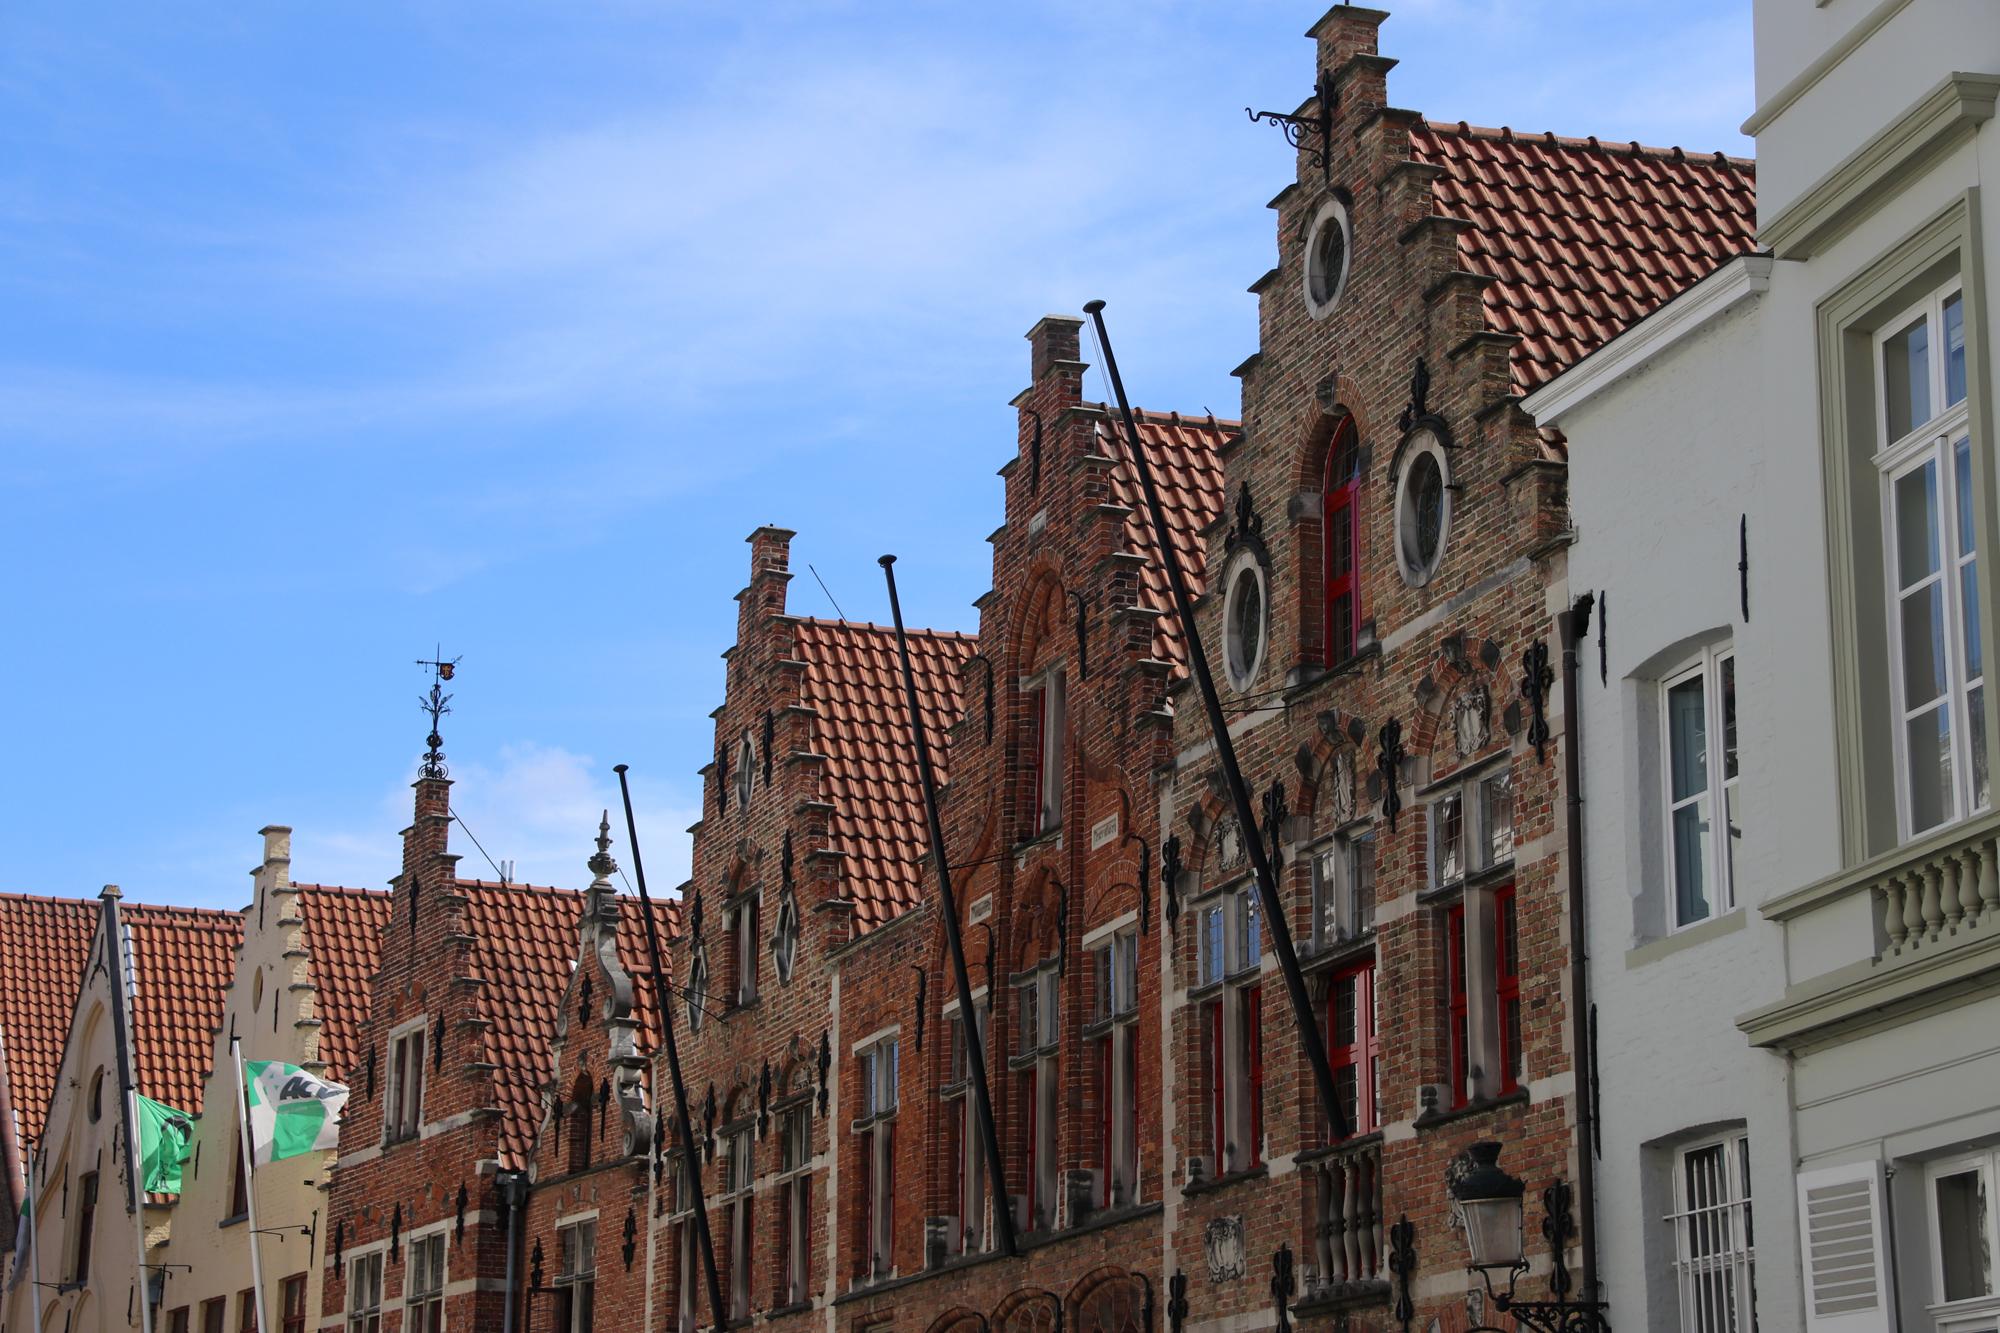 Weekendje Brugge in 10 beelden: Stad met karakter door de architectuur